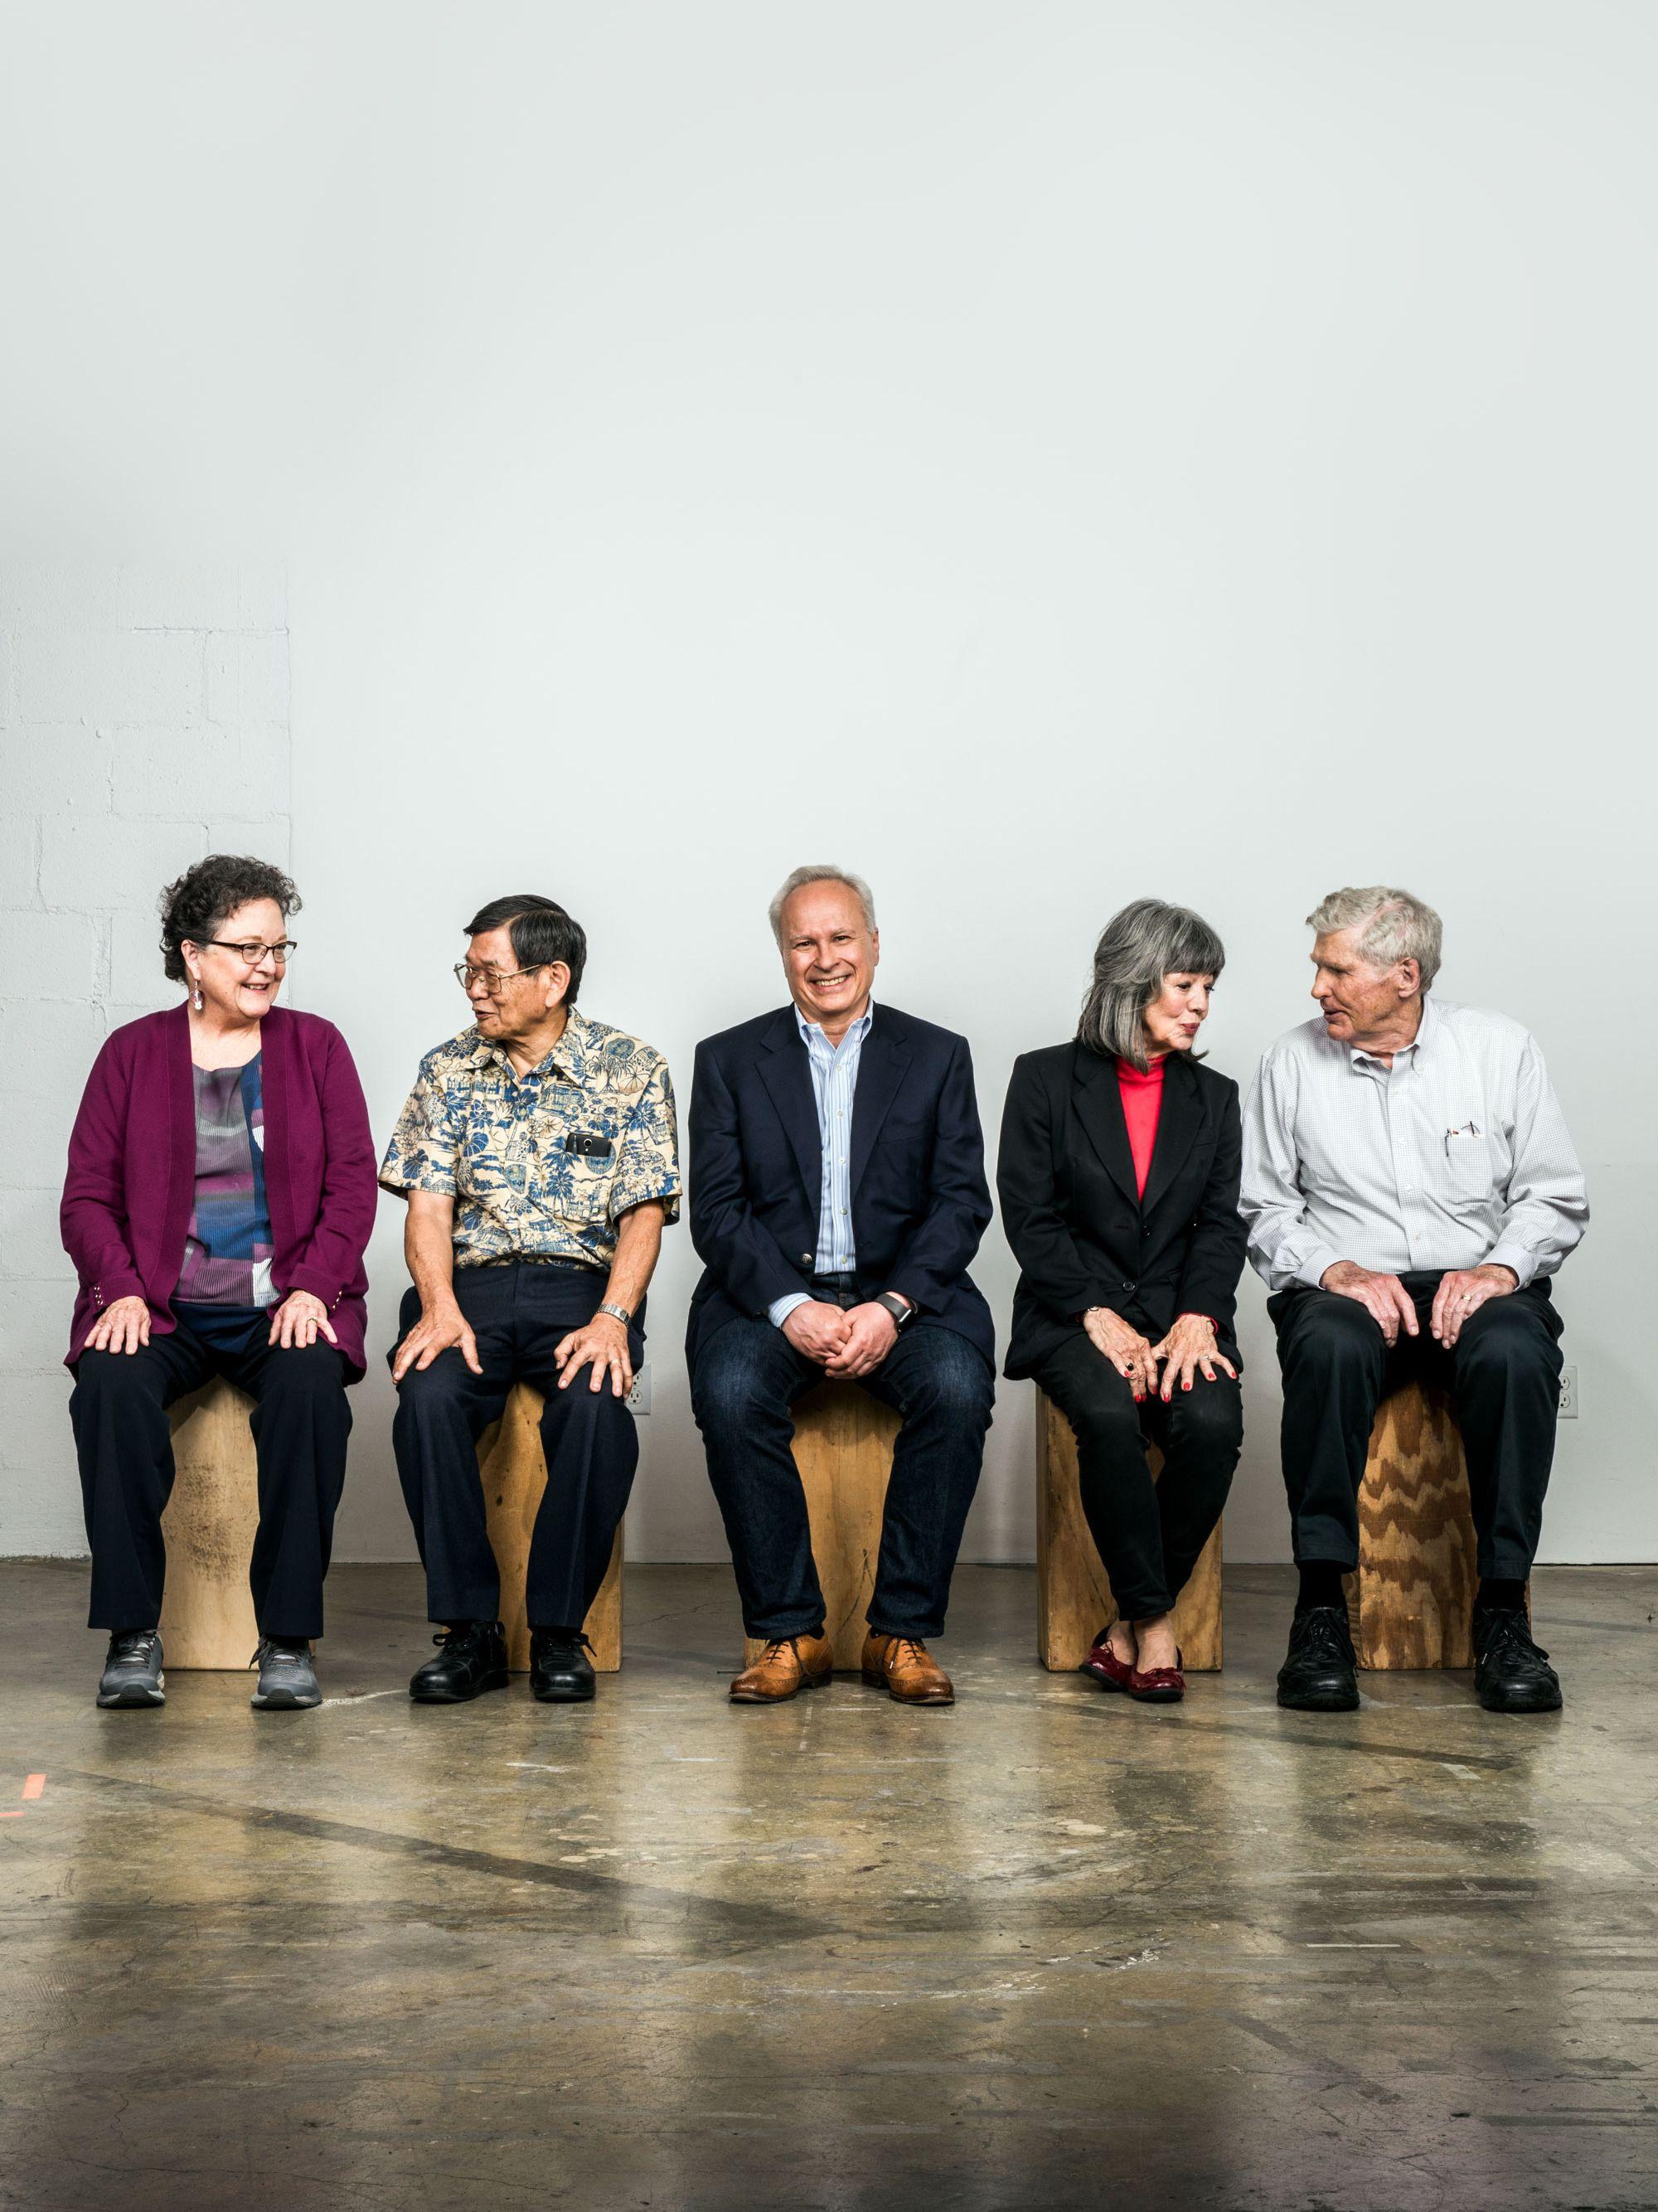 顧客を巻き込むモノづくりへ 変わる「高齢者向け」製品